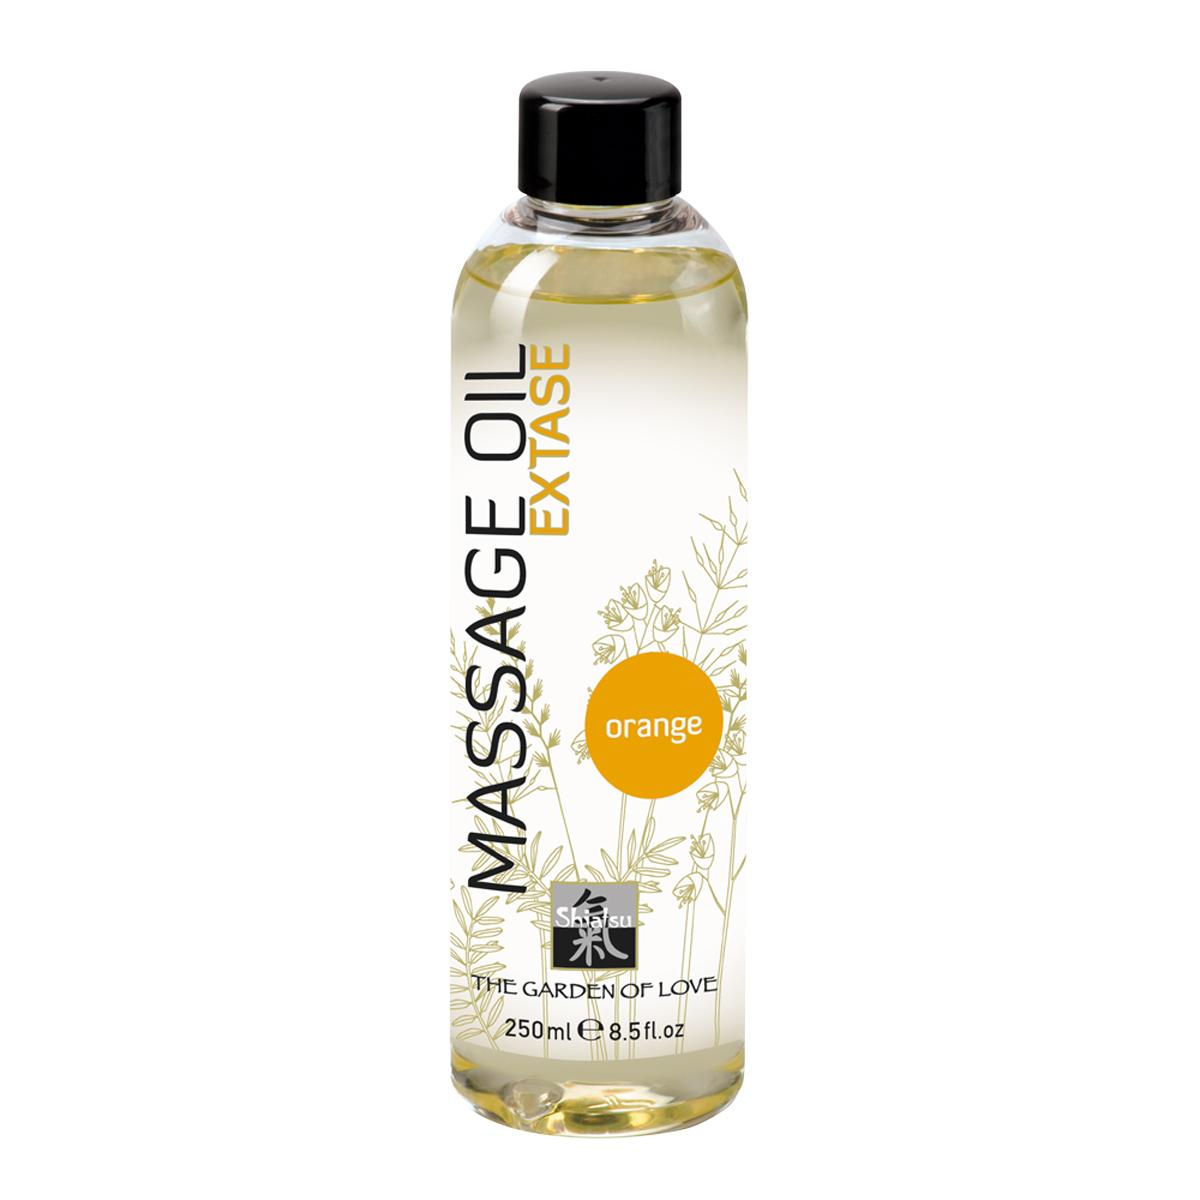 Shiatsu Массажное масло Extase Orange 250 мл66001Аромат апельсинового масла пробуждает чувства, увлажняет кожу, снимает внутреннее напряжение и улучшает настроение. Имеет легкую текстуру и поэтому легко отстирывается в случае попадания на постельное белье или одежду.